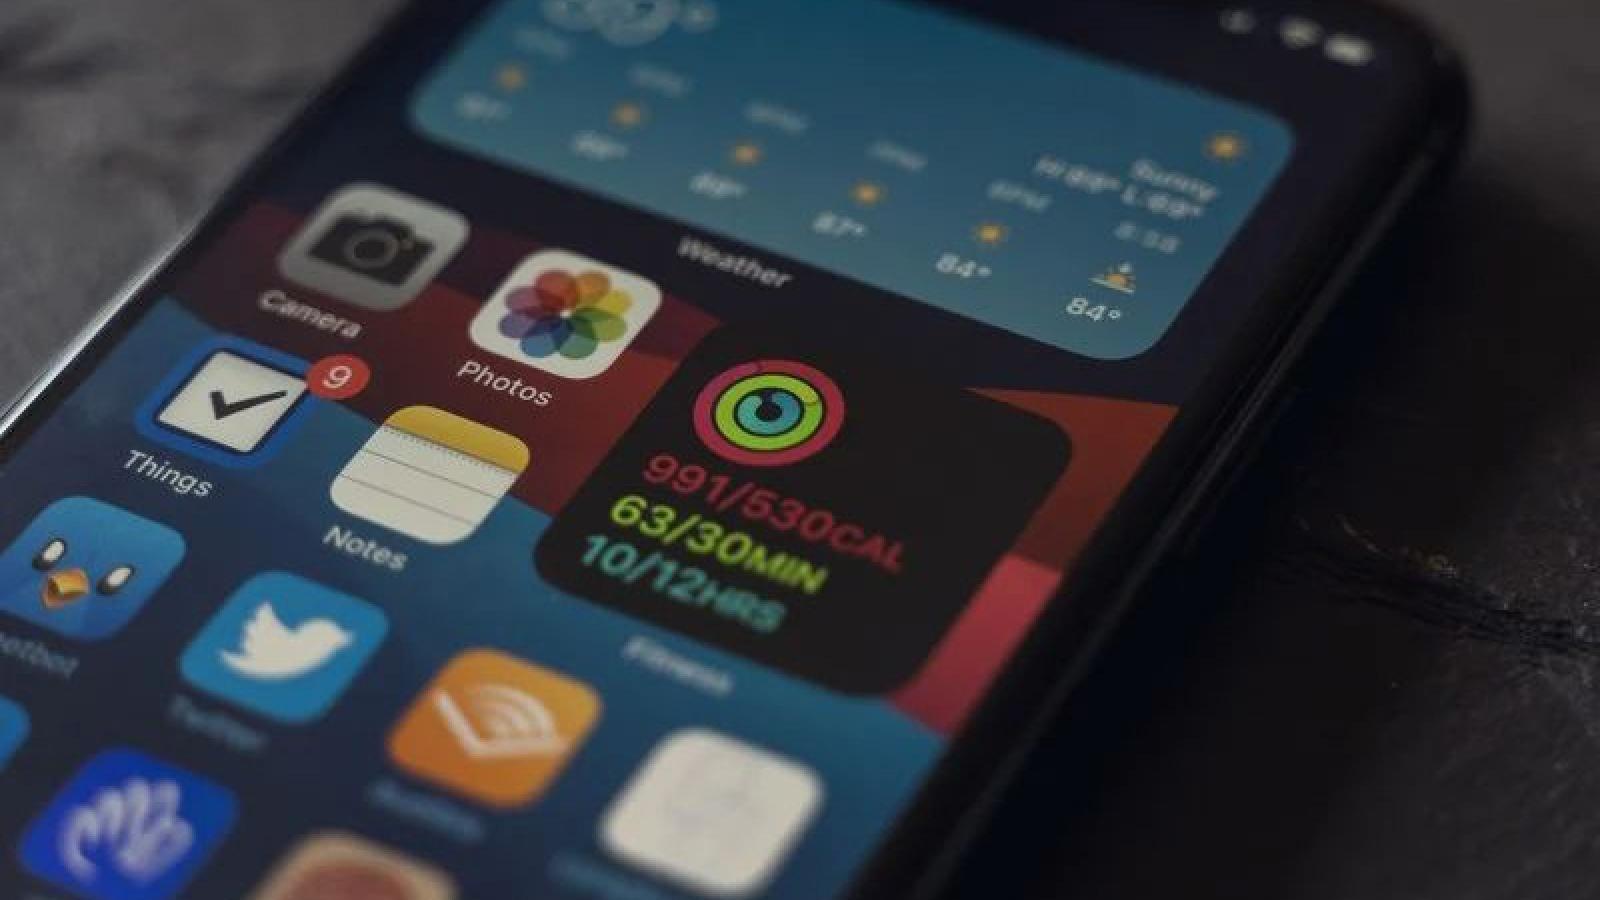 iOS 14 hiện có mặt trên hơn 90% số lượng iPhone